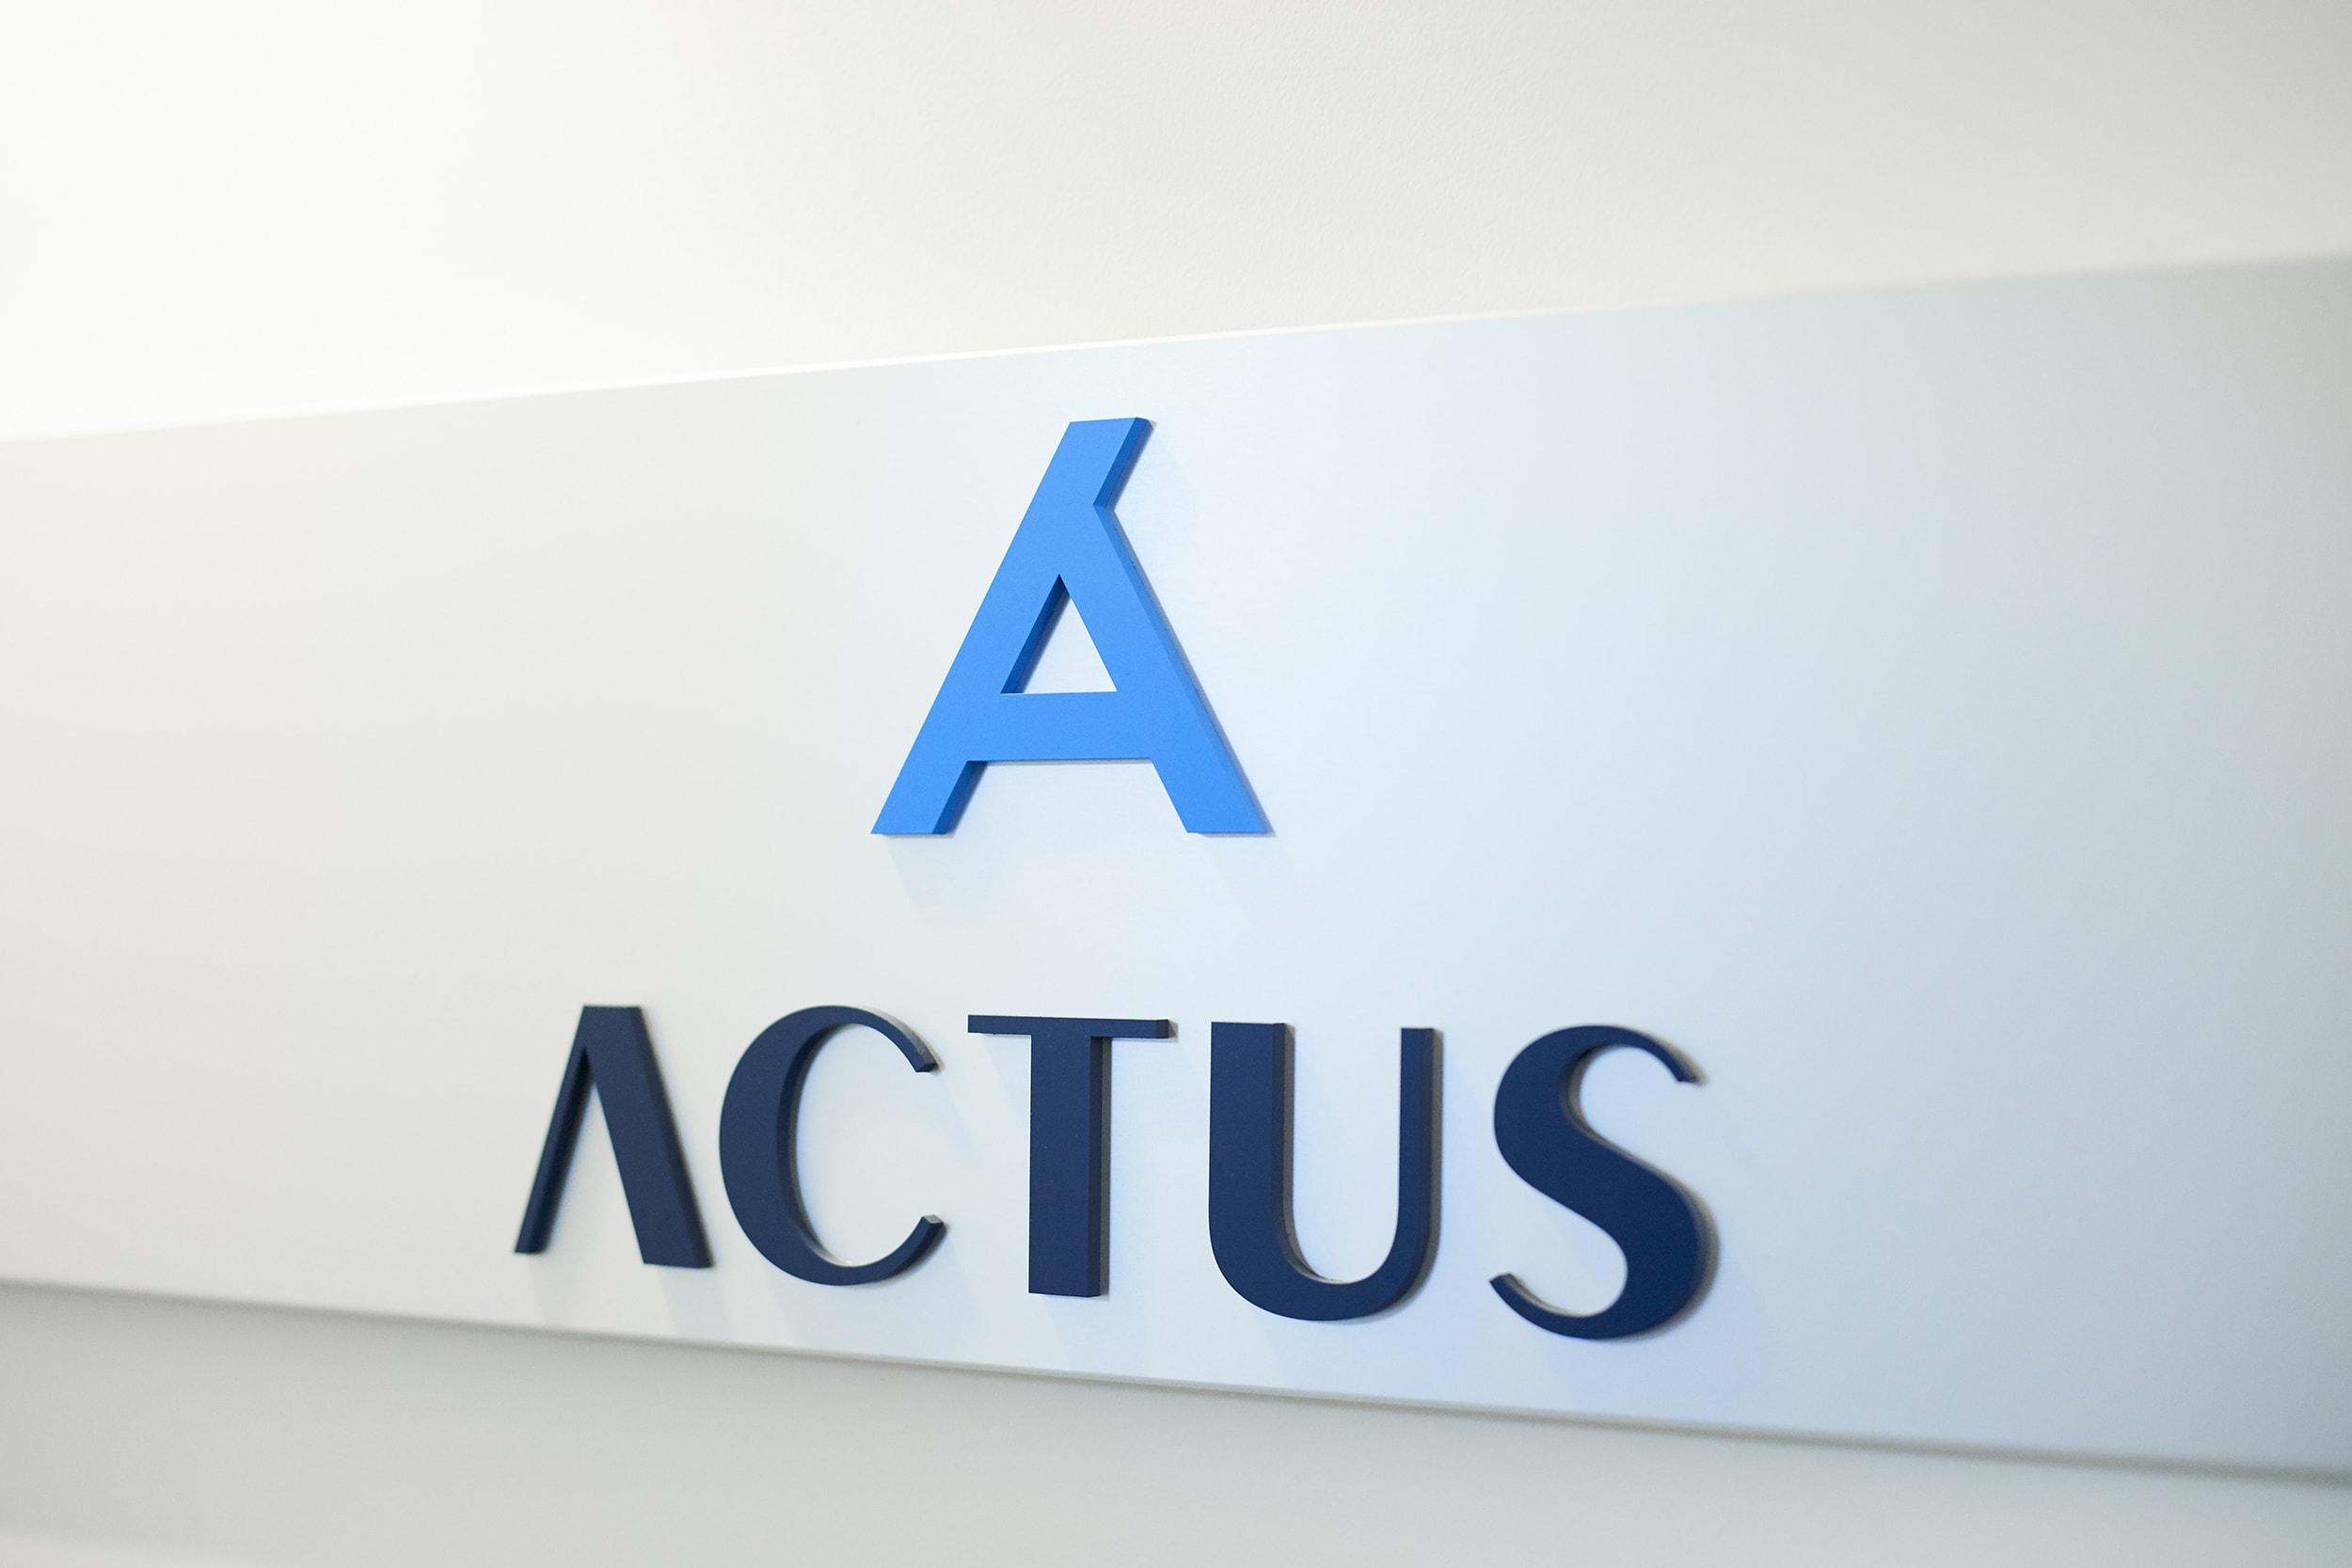 オフィス入口のロゴマーク。アクタスのAは「お客様」を頂点に「組織」と「スタッフ」が支える三位一体を表現。左の線が長いのはお客様の右肩上がりの成長と未来を表しています。